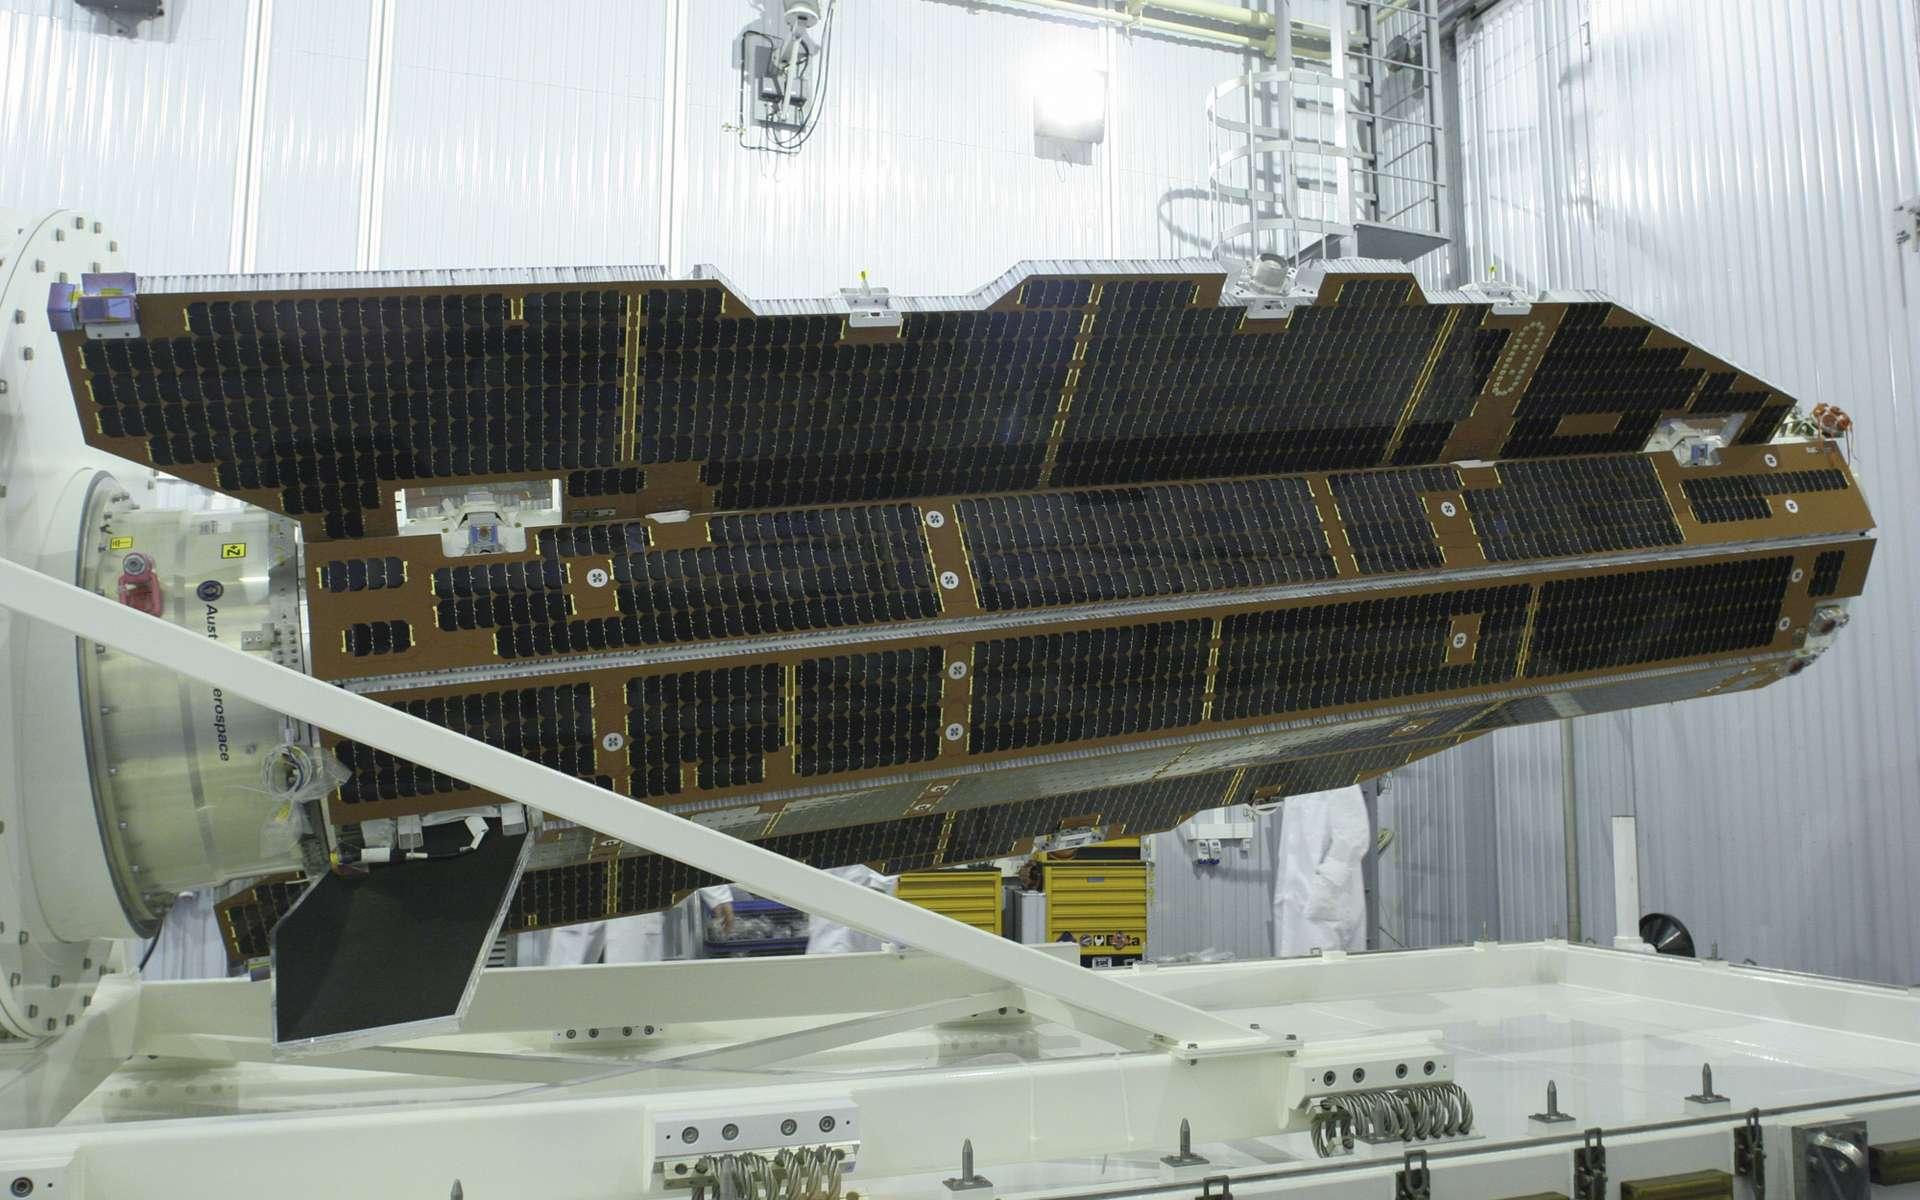 Goce est le premier satellite du programme Earth Explorer de l'Agence spatiale européenne à avoir été mis en orbite avec succes. Avec ses 5 m de long pour un diamètre d'1 m, Goce présente une forme aérodynamique afin de minimiser la résistance due à la friction de l'air. Une condition sine qua non pour le bon fonctionnement du gradiomètre, qui exige une stabilité parfaite. © Esa, krunitchev